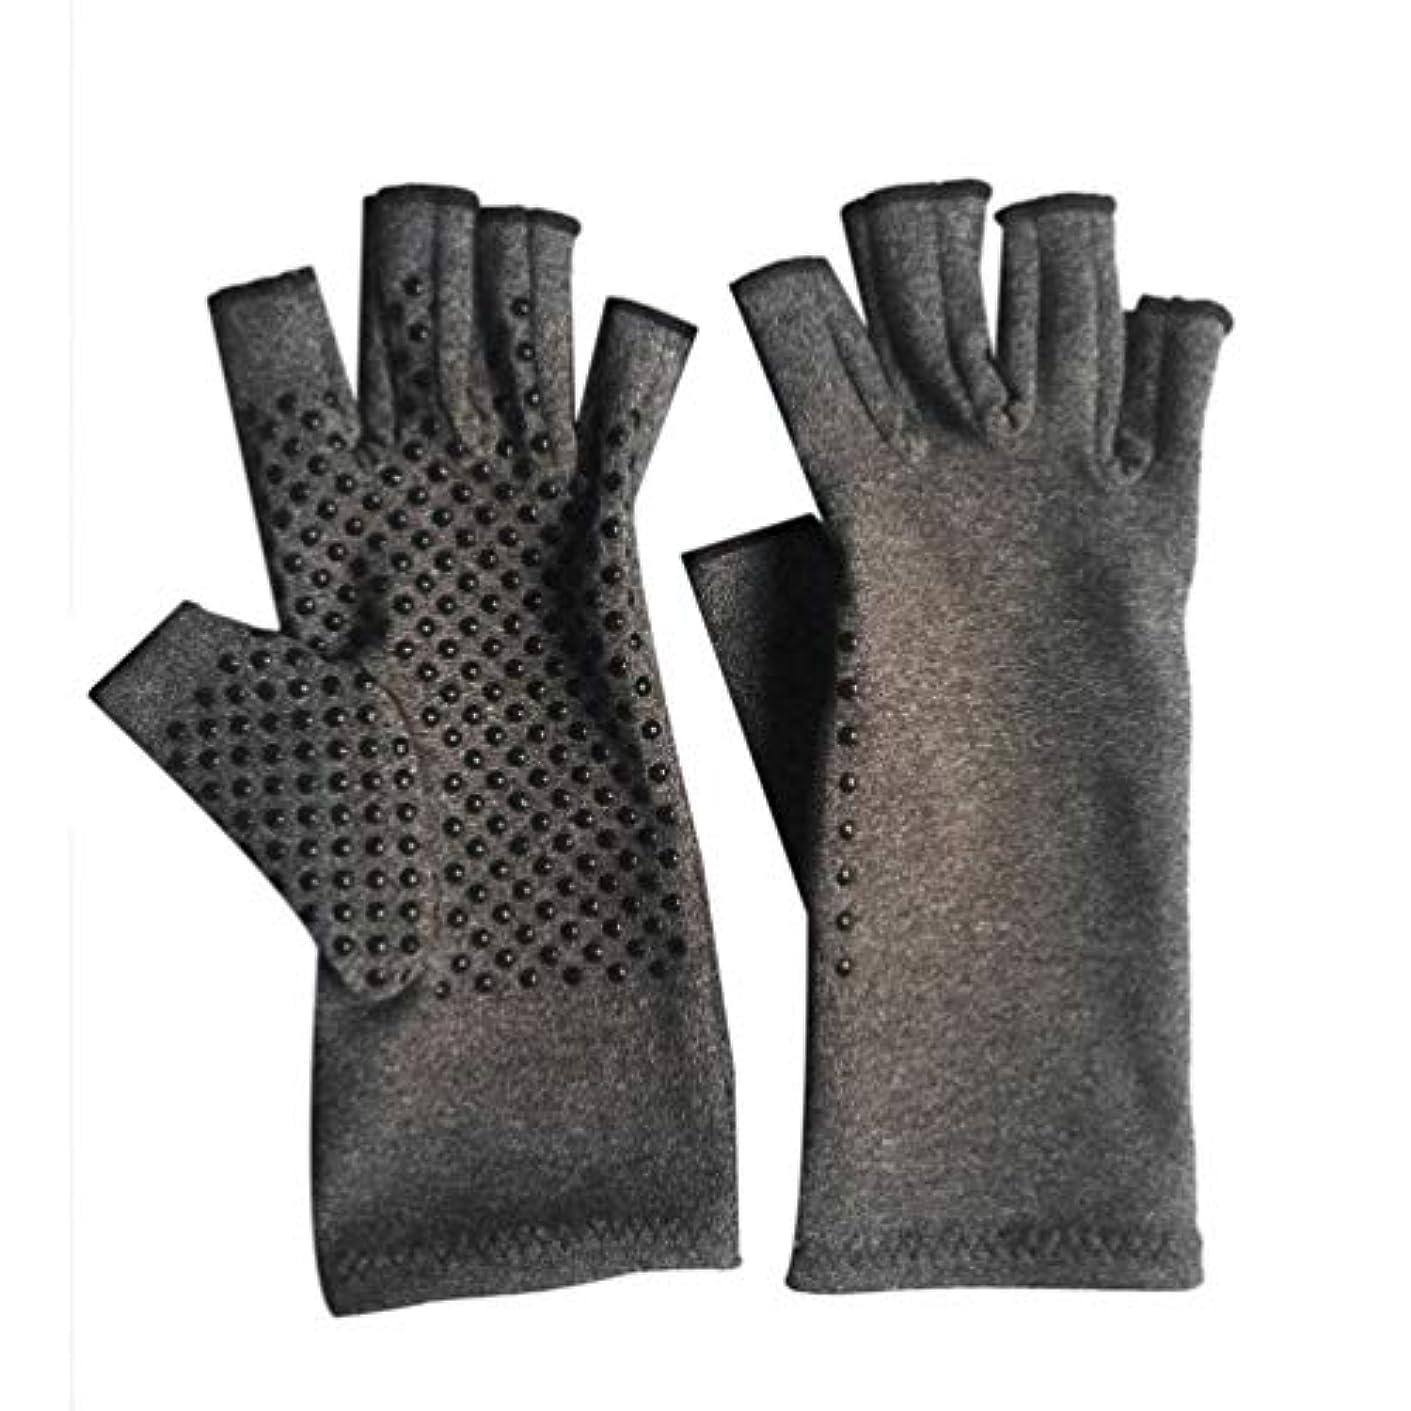 傀儡方言効果的1ペアユニセックス男性女性療法圧縮手袋関節炎関節痛緩和ヘルスケア半指手袋トレーニング手袋 - グレーM